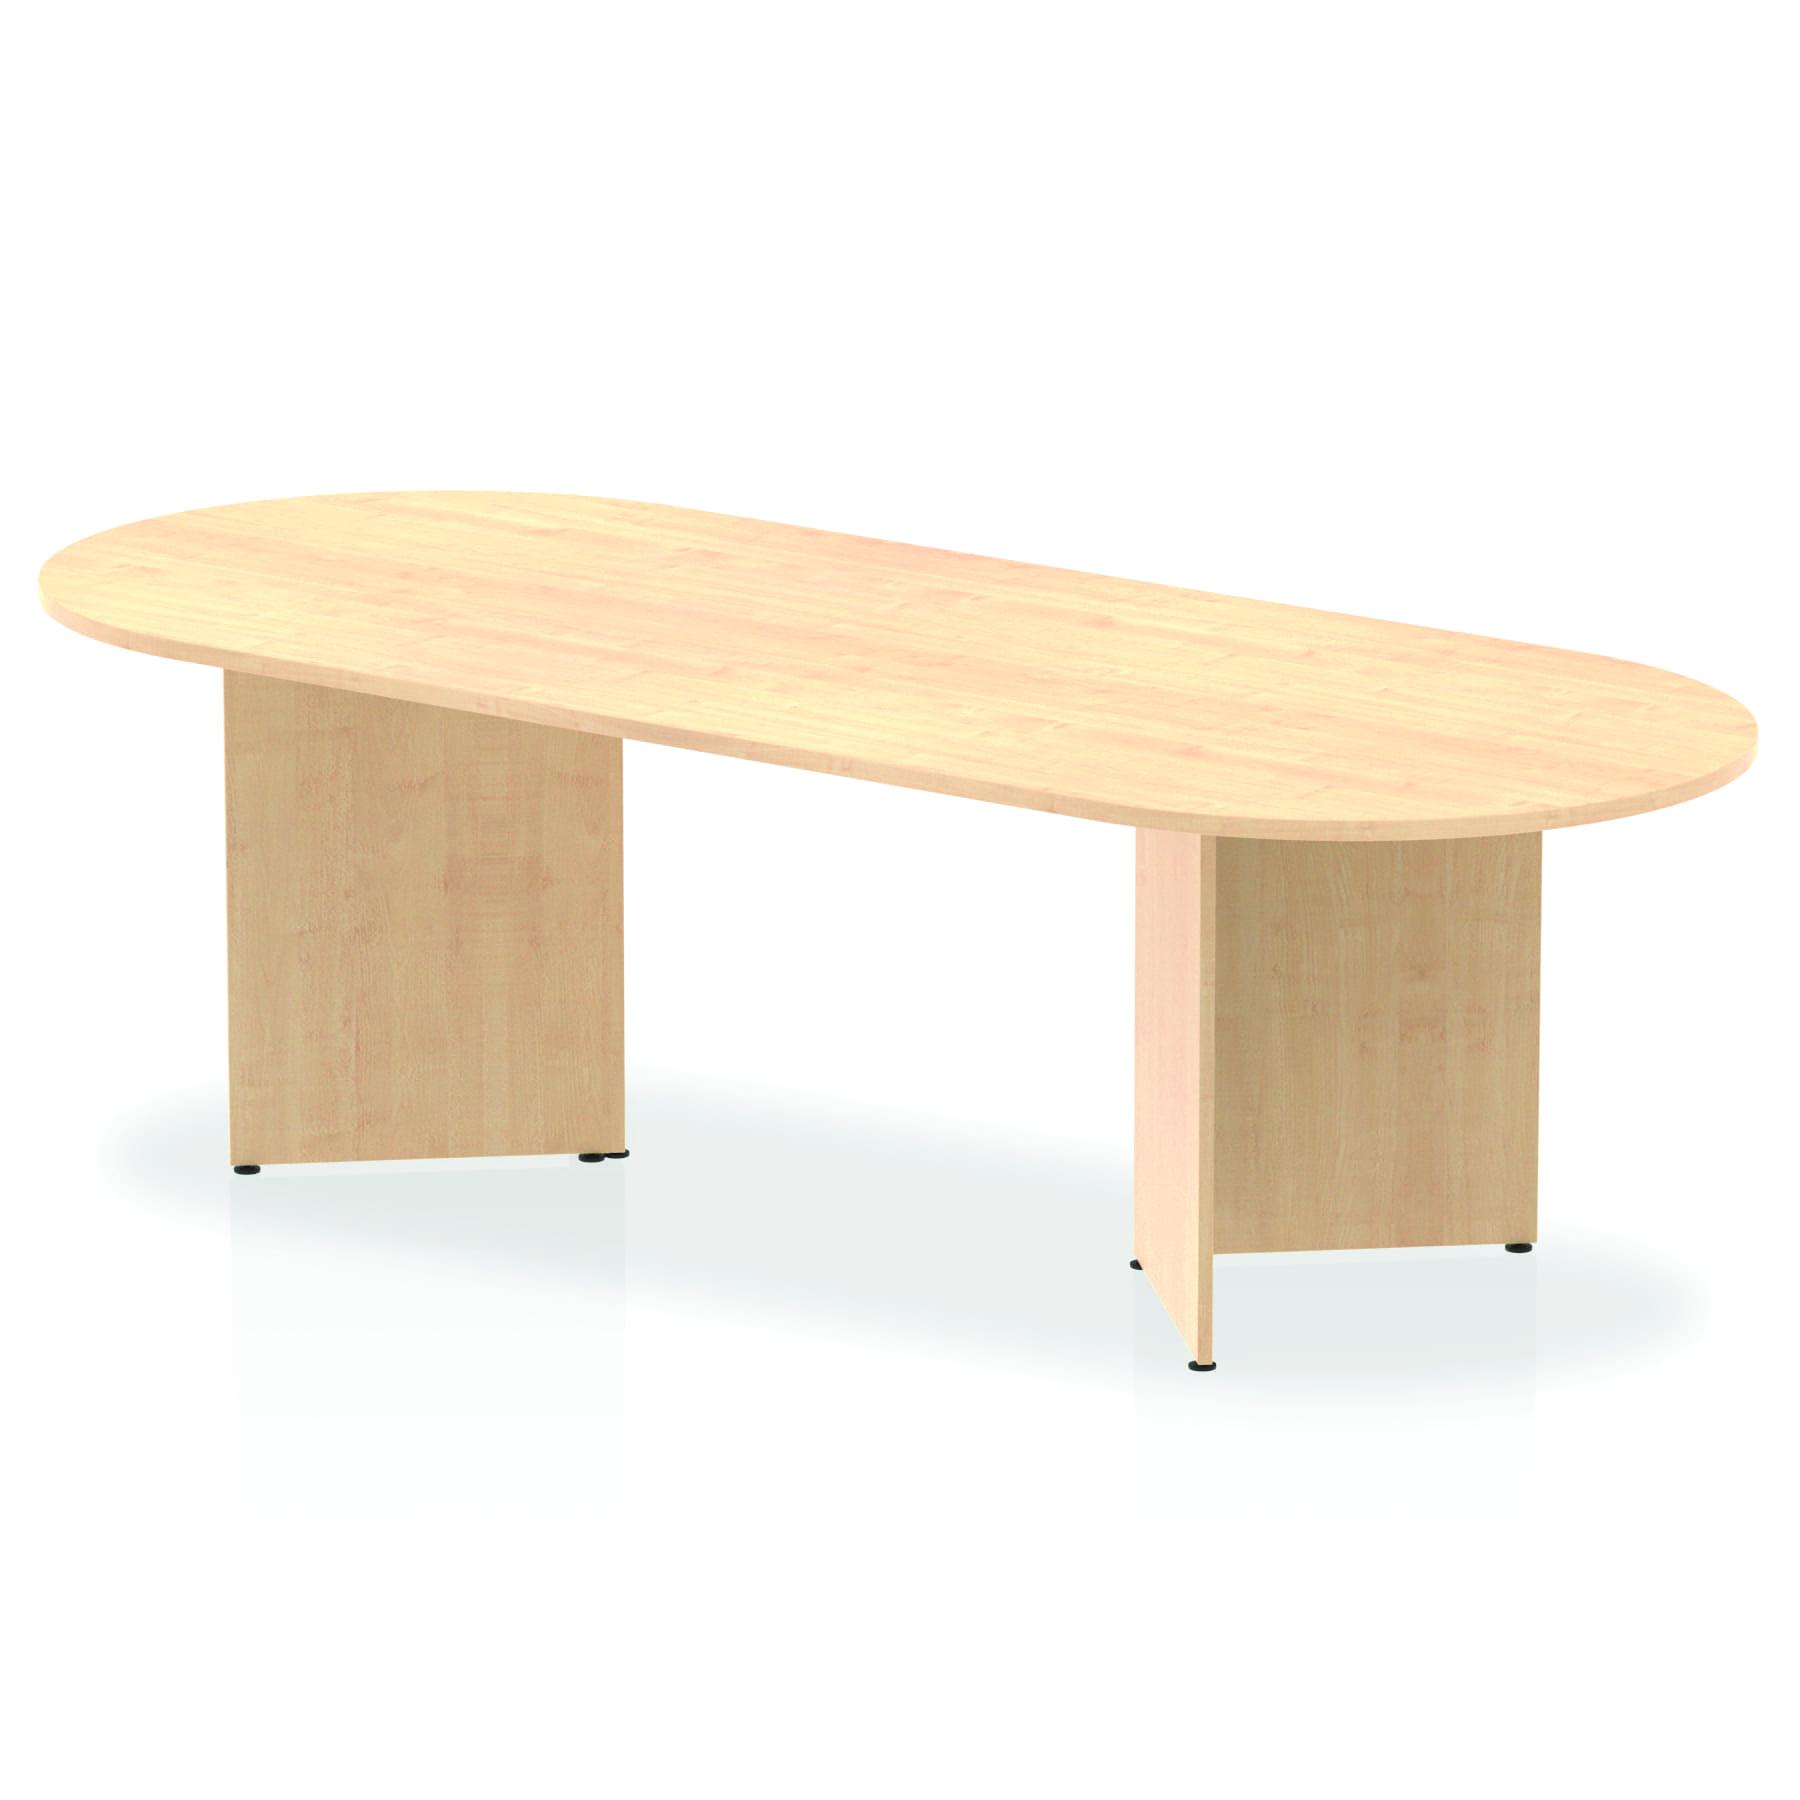 Impulse Boardroom Table 2400